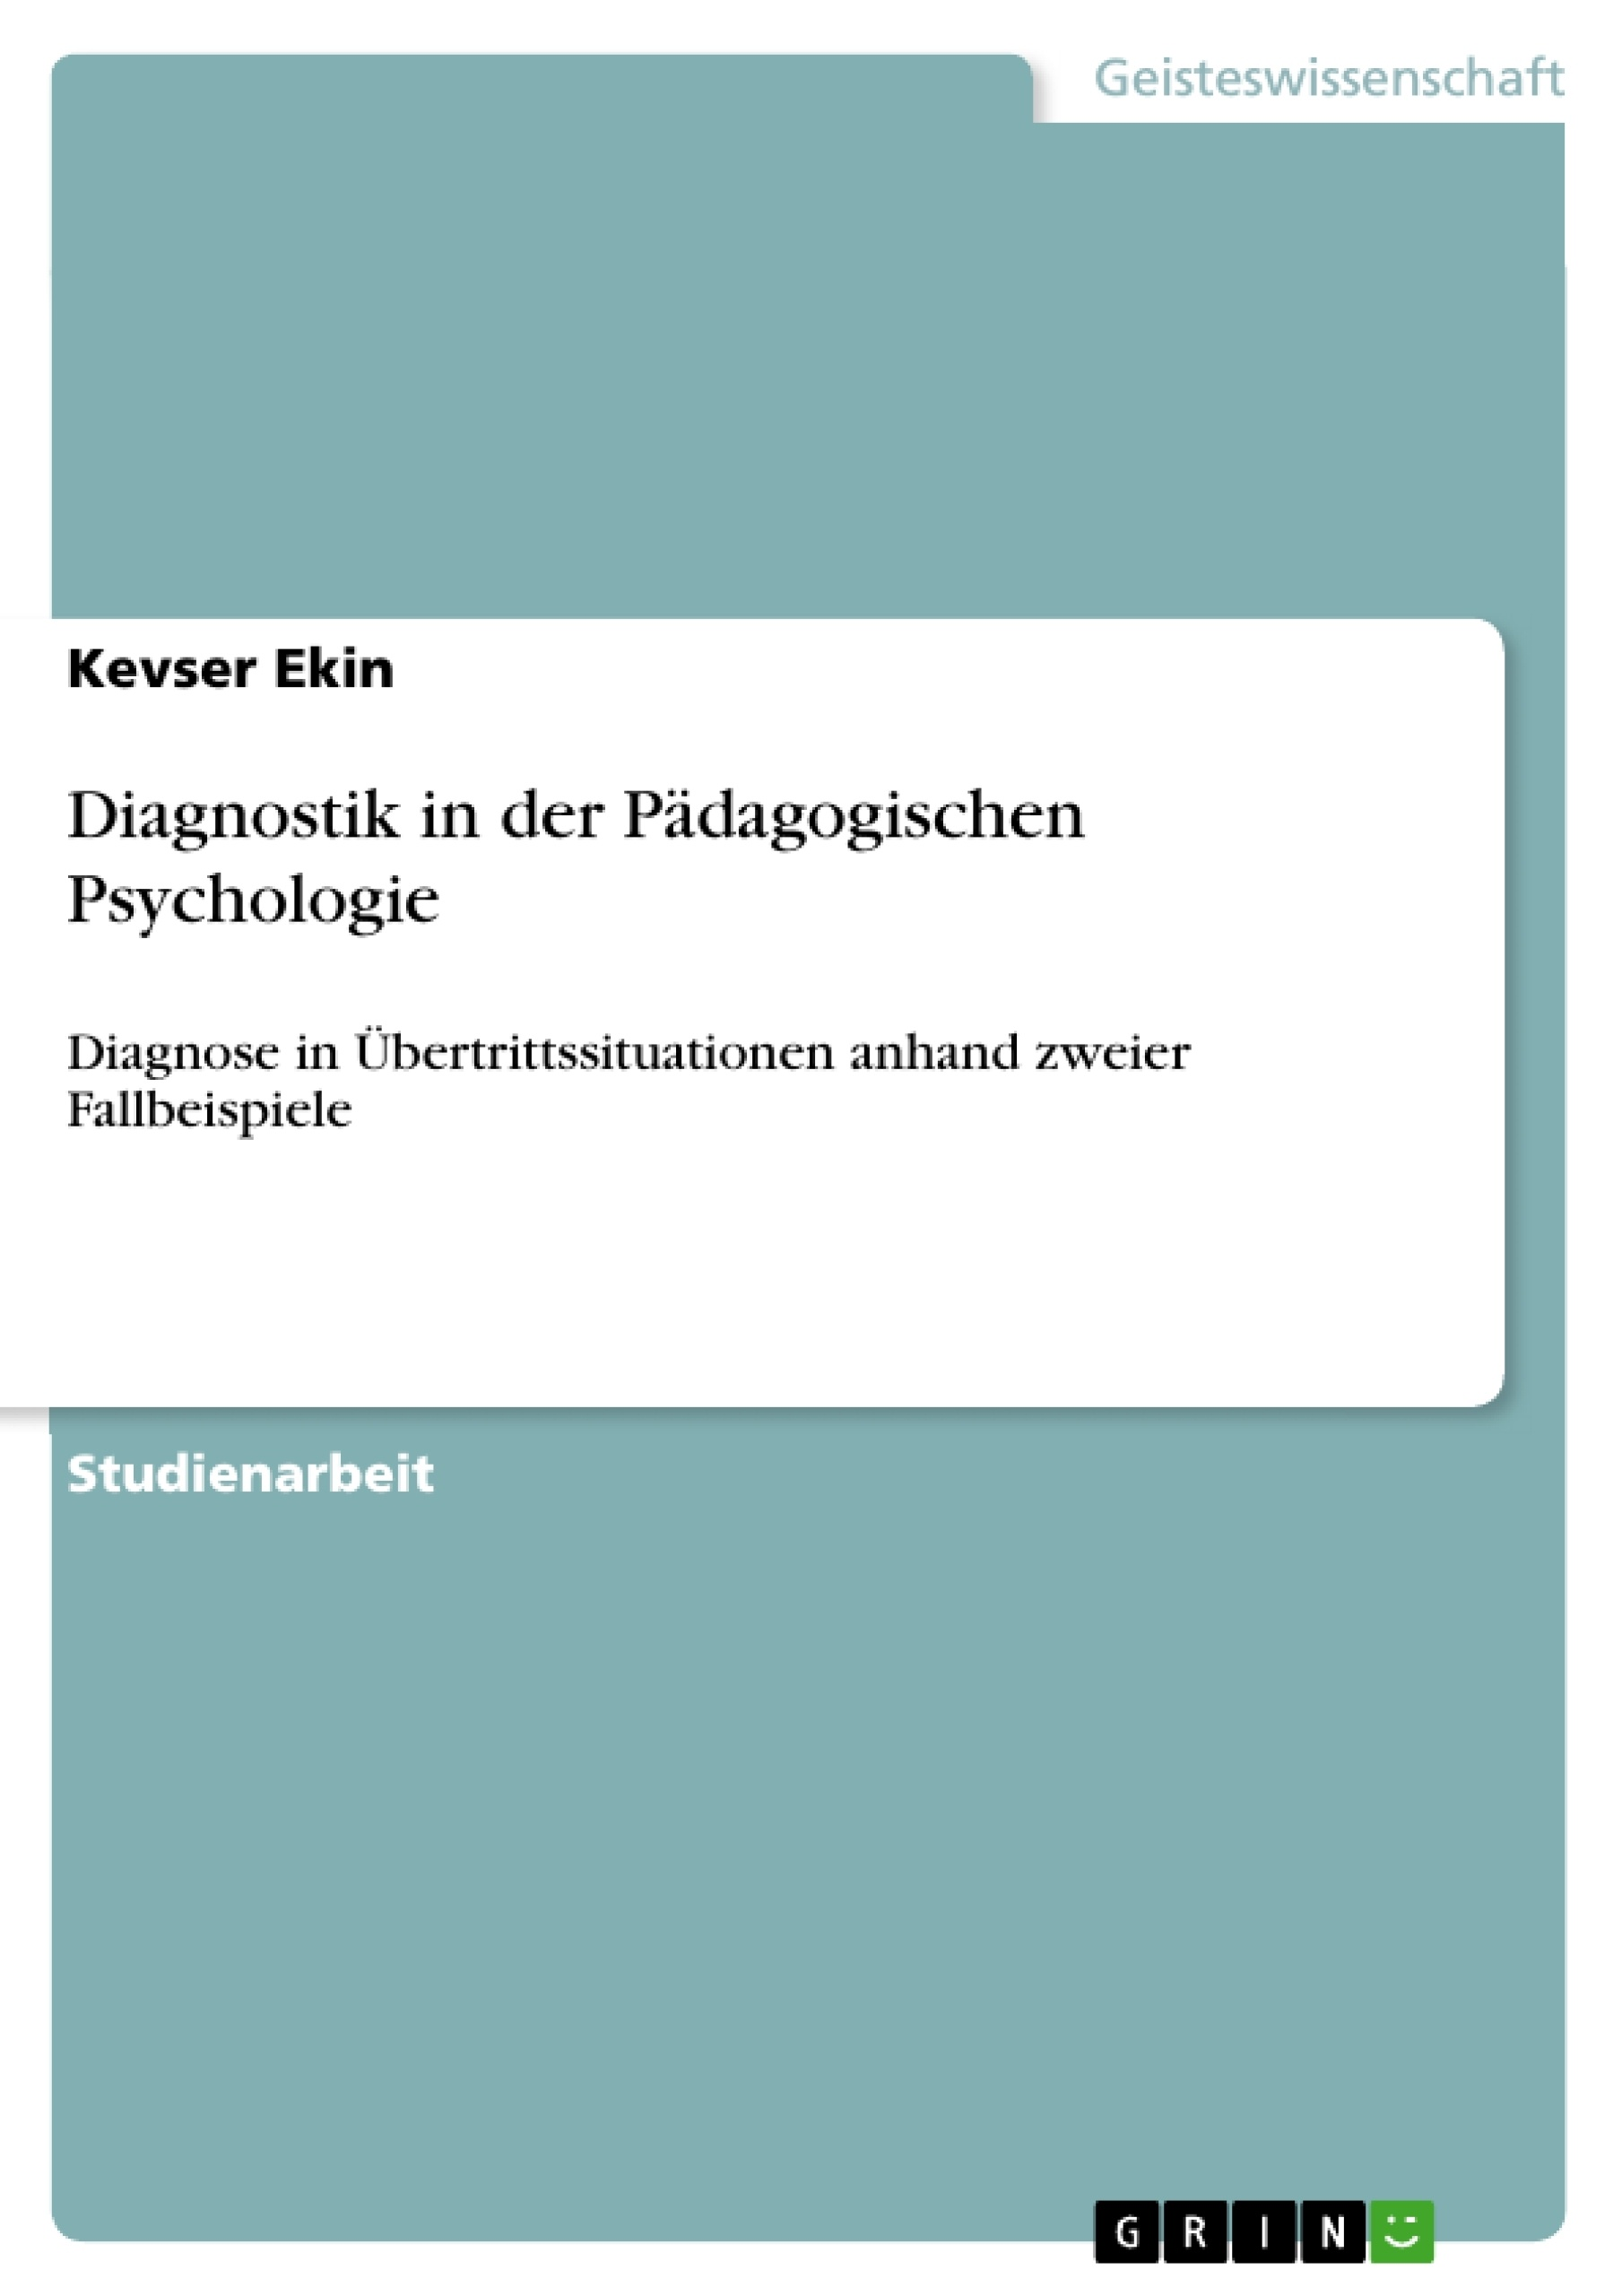 Titel: Diagnostik in der Pädagogischen Psychologie